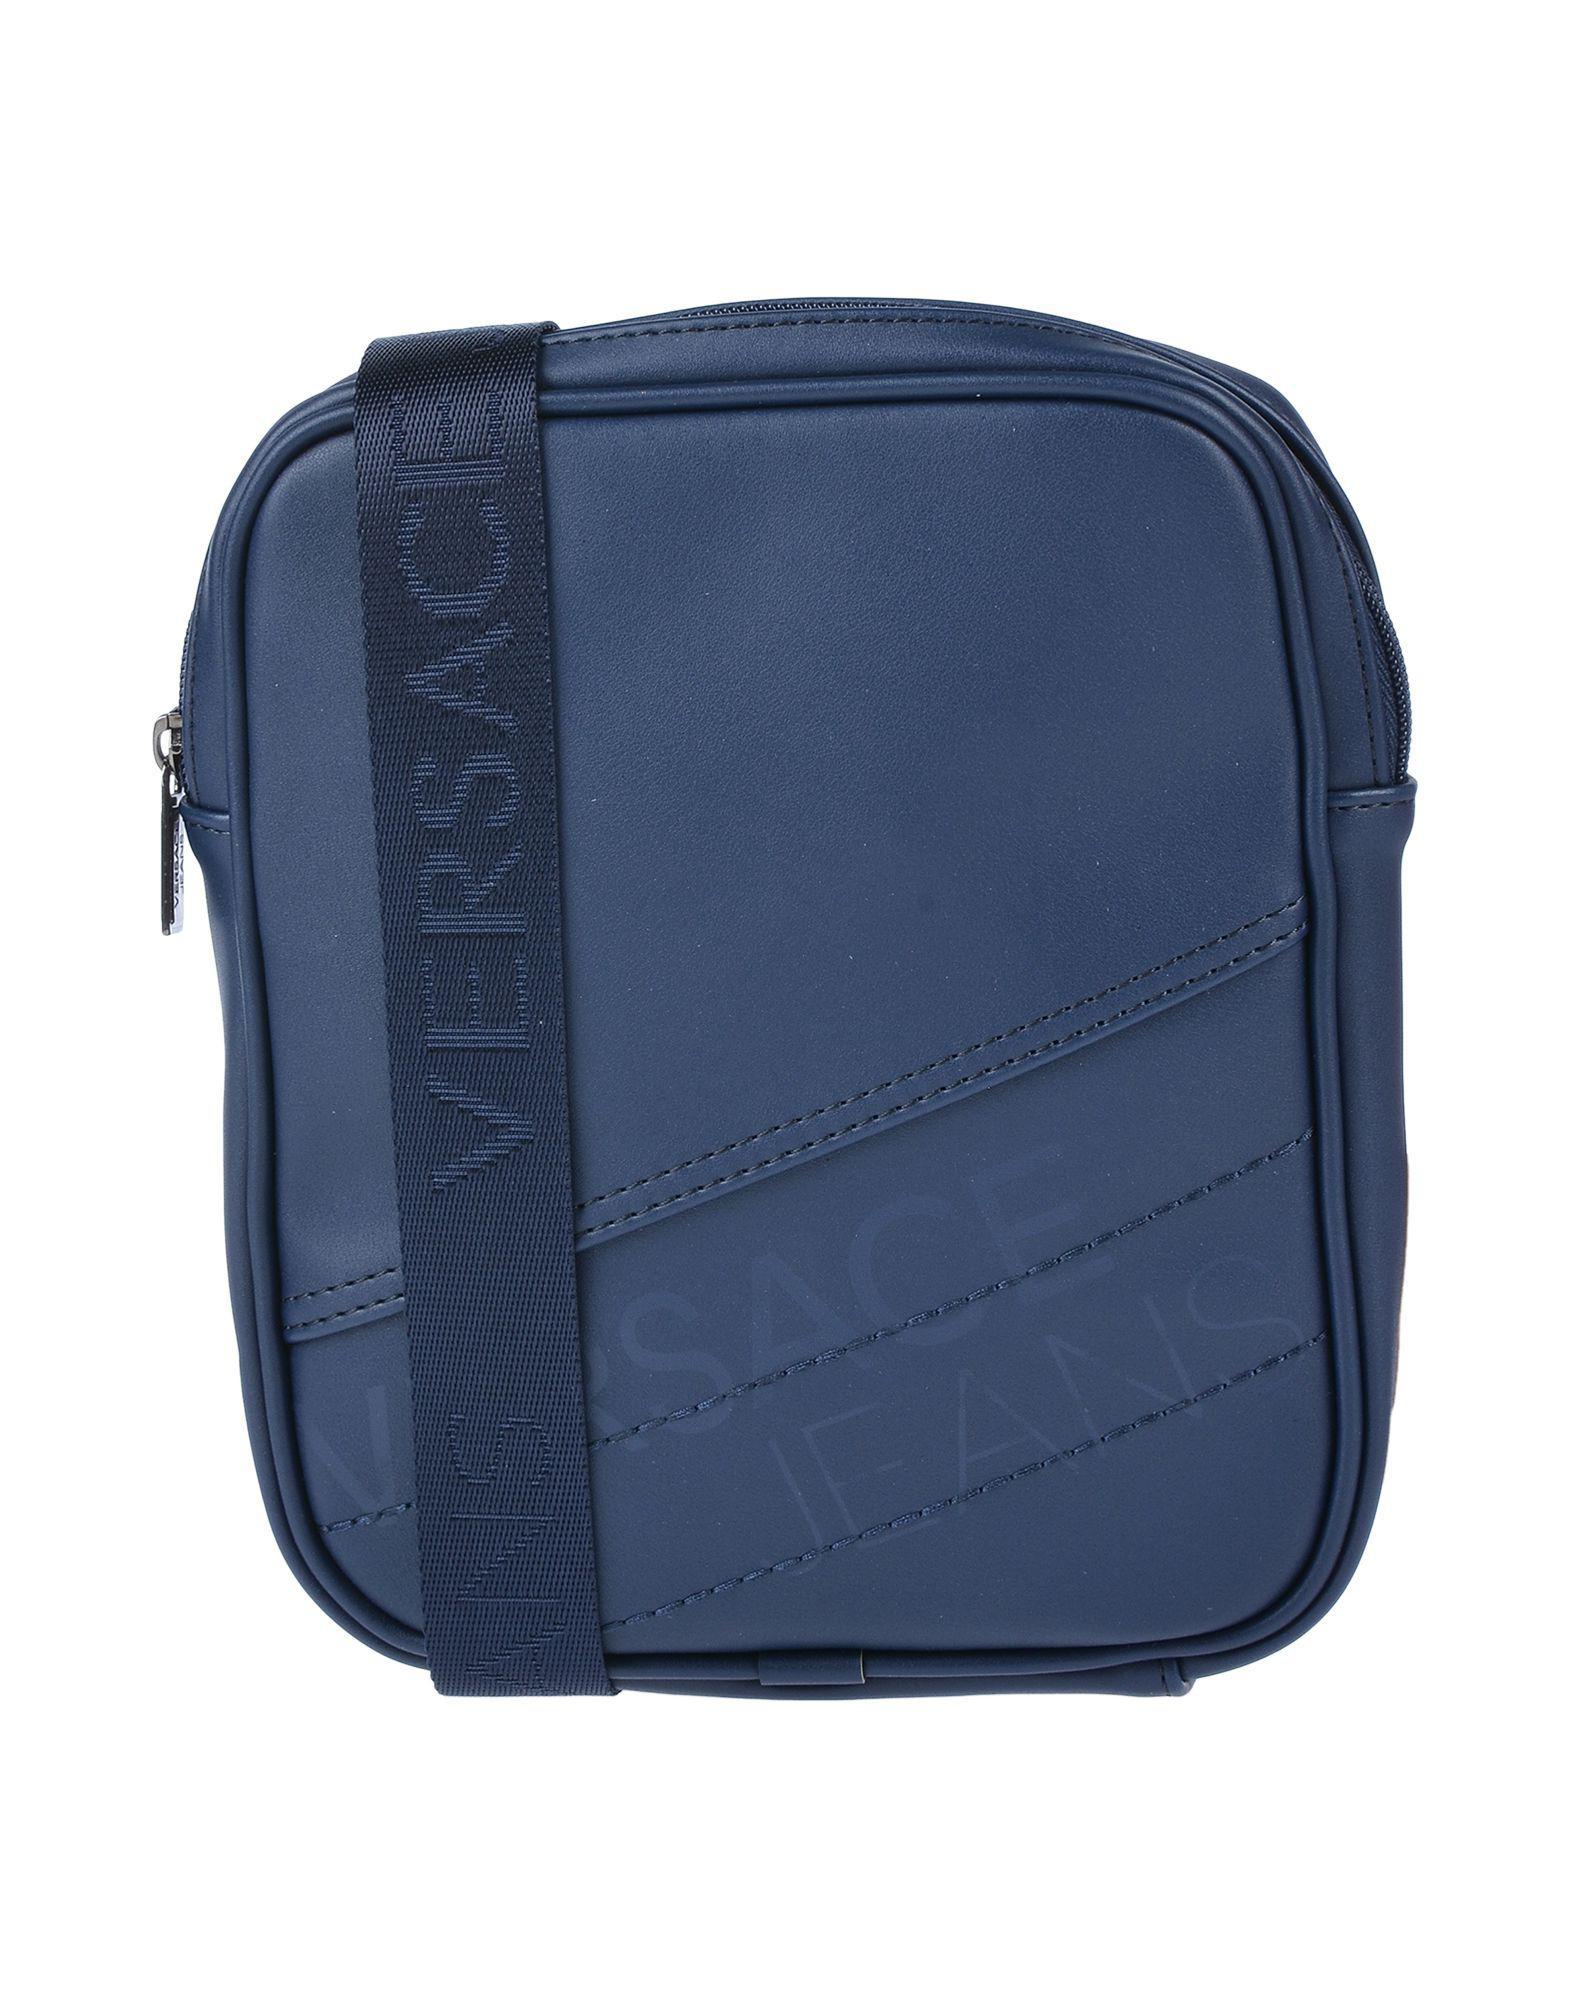 Versace Jeans Cross-body Bag in Blue for Men - Lyst c44fe33b252f6